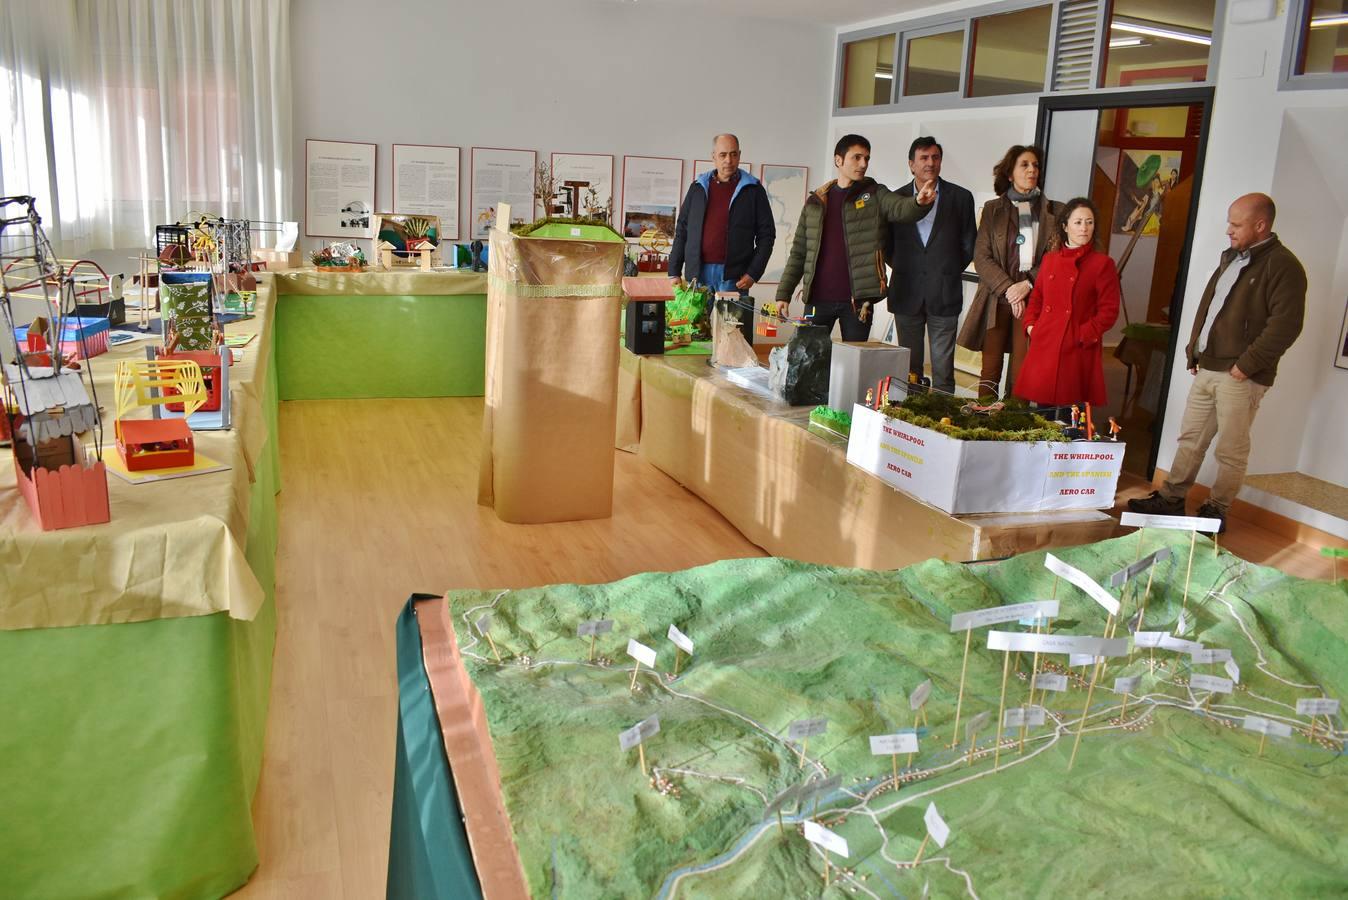 Turismo apoya la difusión y promoción del proyecto 'Espacio Expositivo Torres Quevedo', en Arenas de Iguña